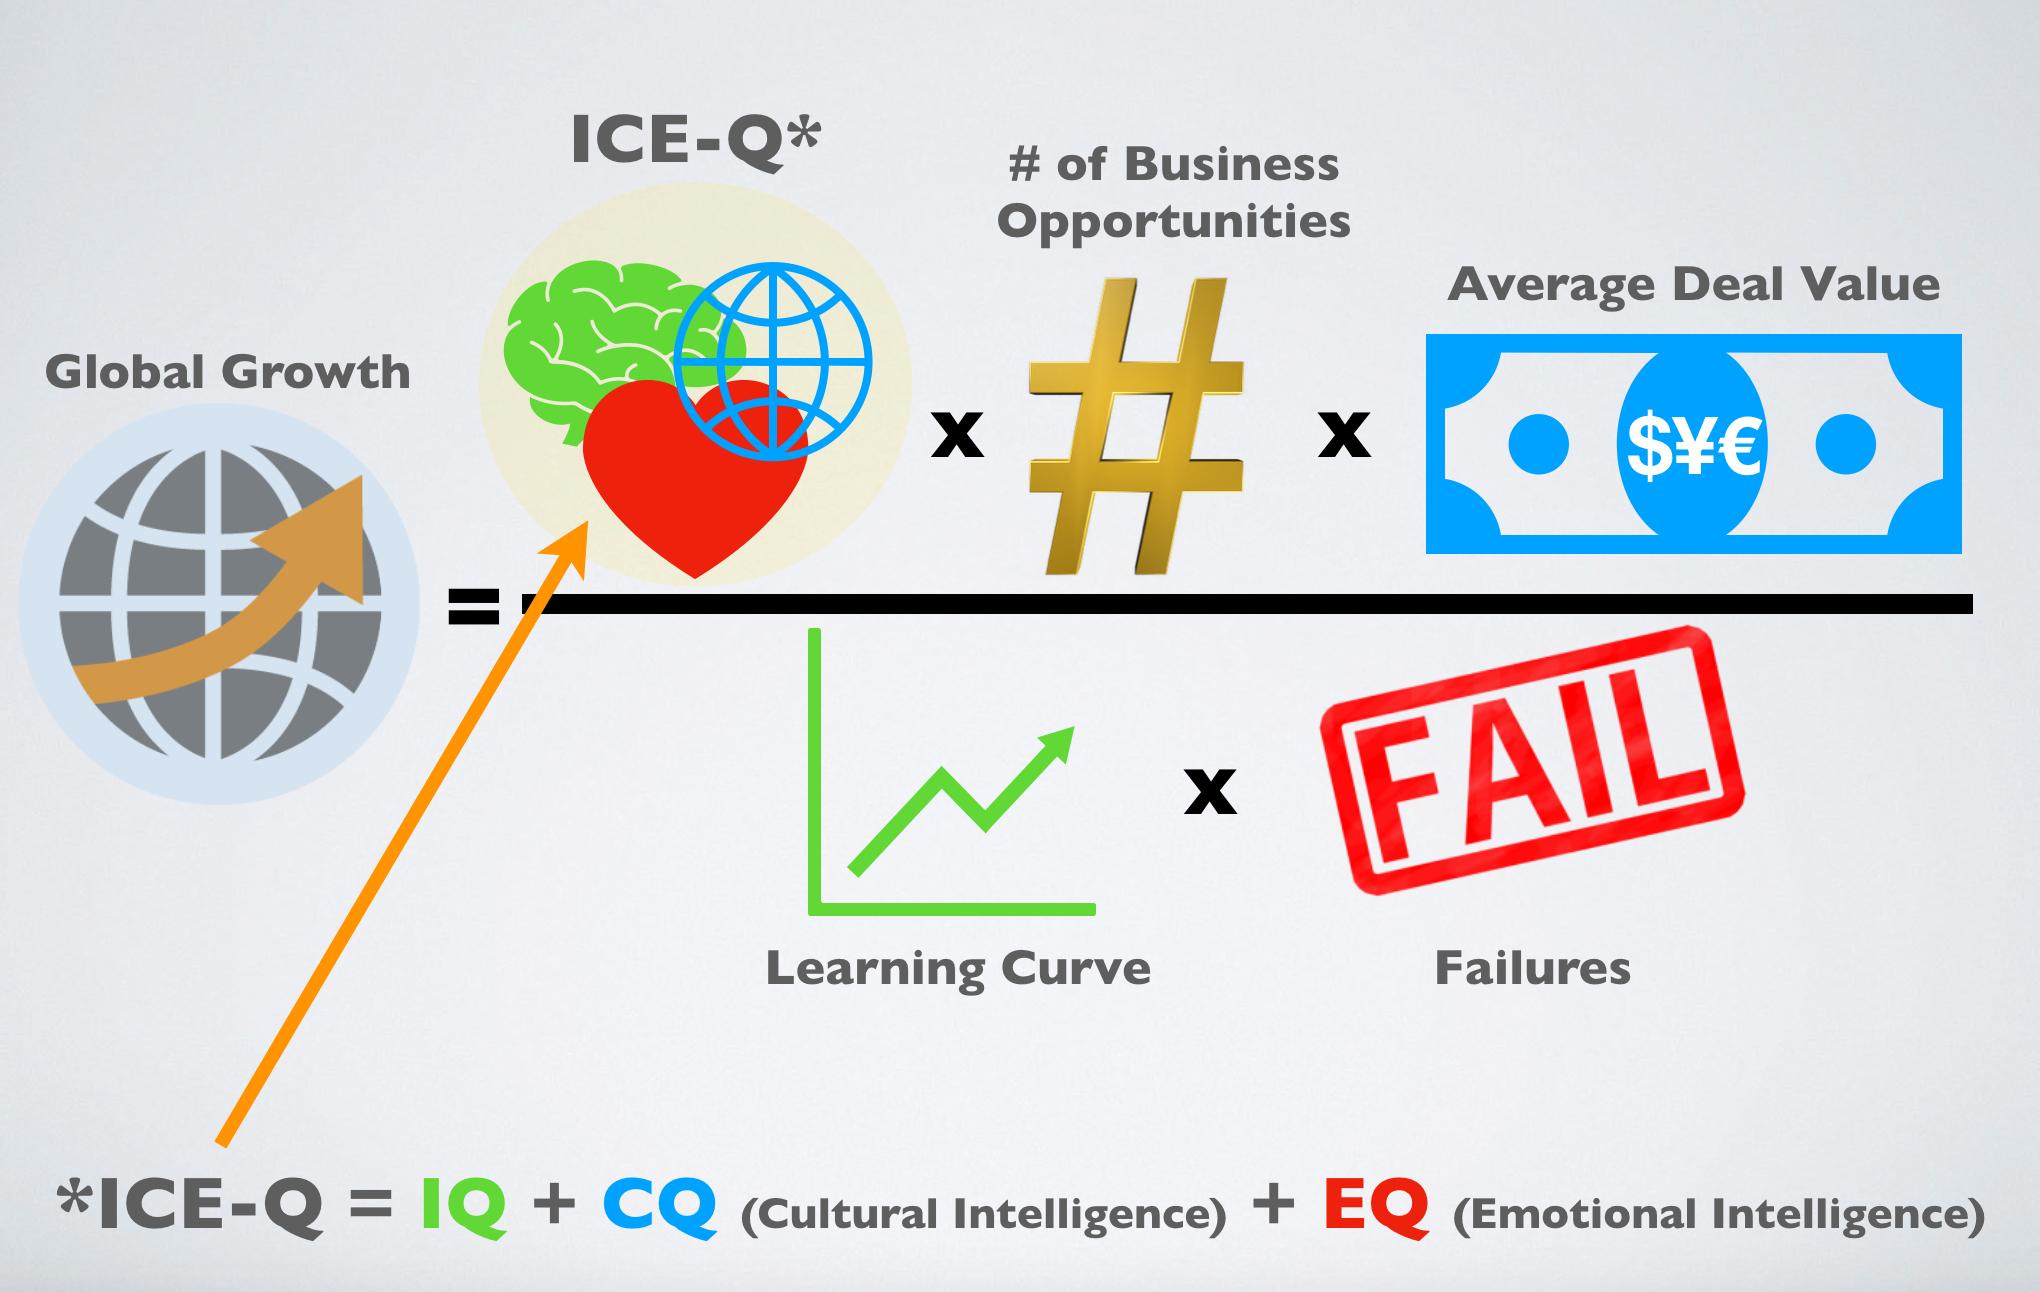 ICE-Q